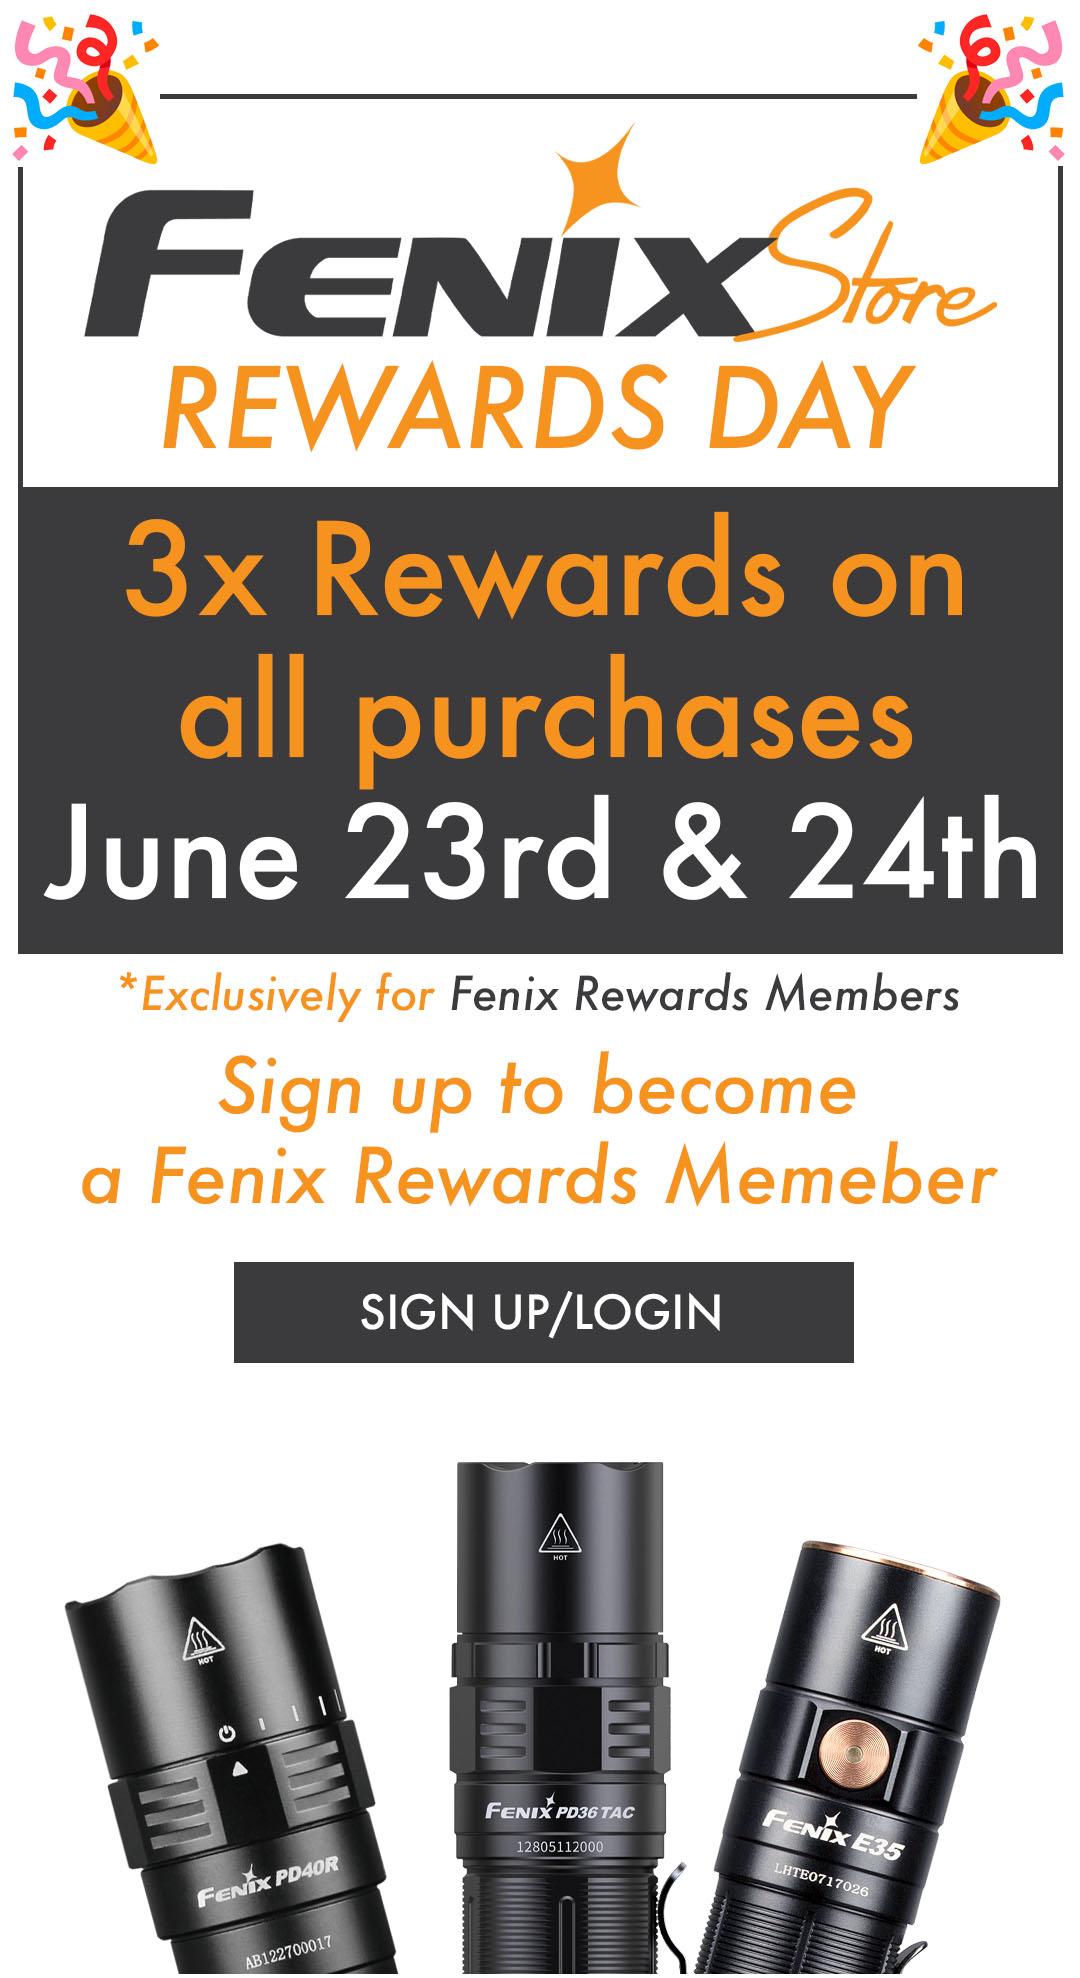 FENIX REWARDS DAY